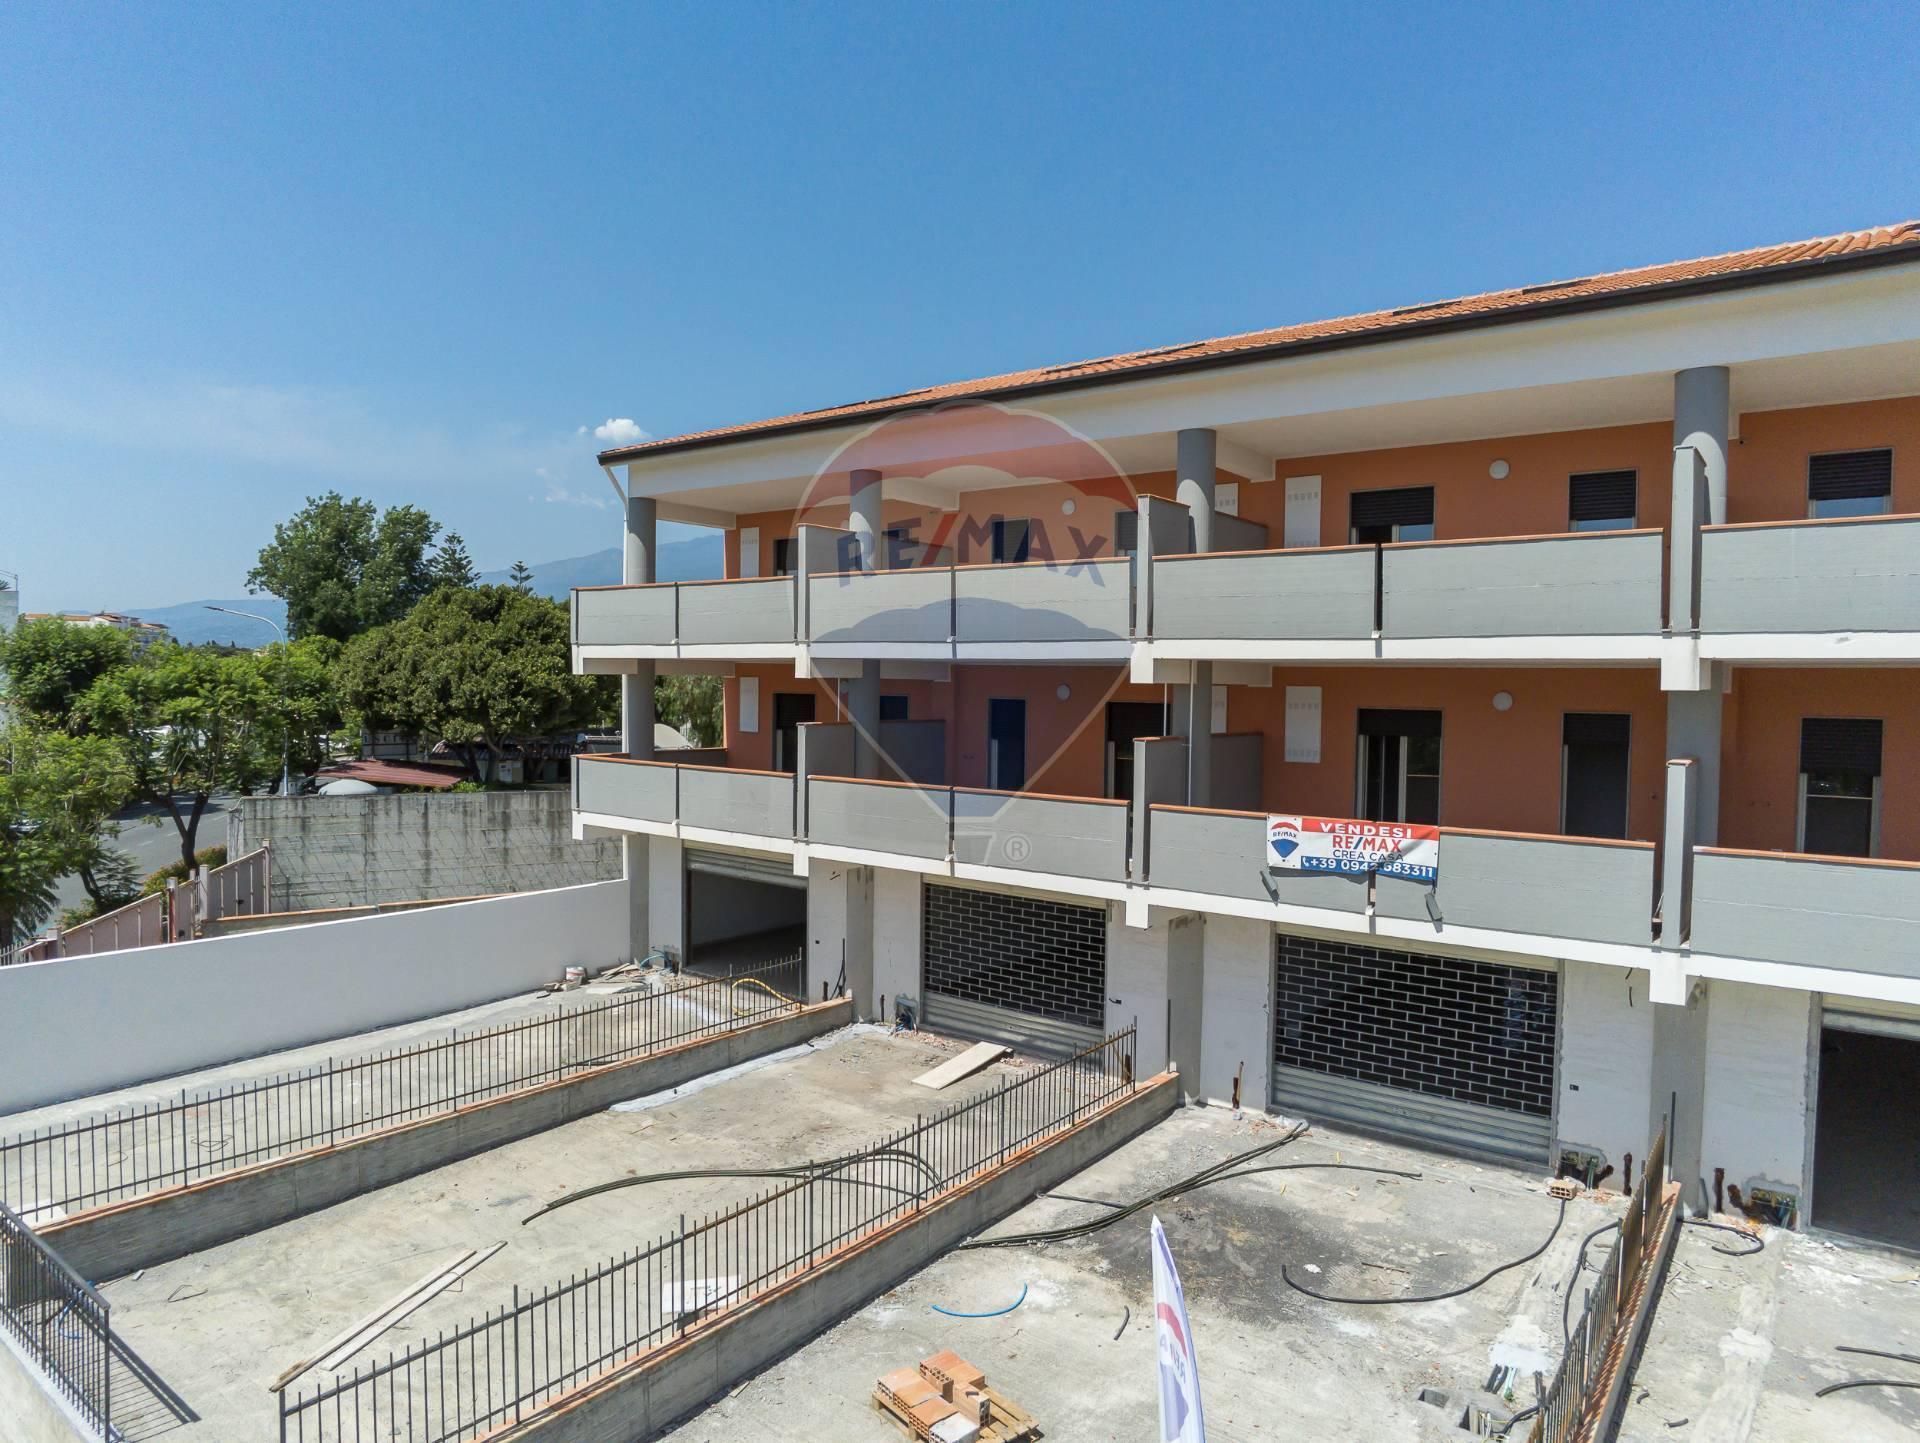 Negozio / Locale in vendita a Giardini-Naxos, 9999 locali, zona Località: Recanati, prezzo € 200.000   CambioCasa.it